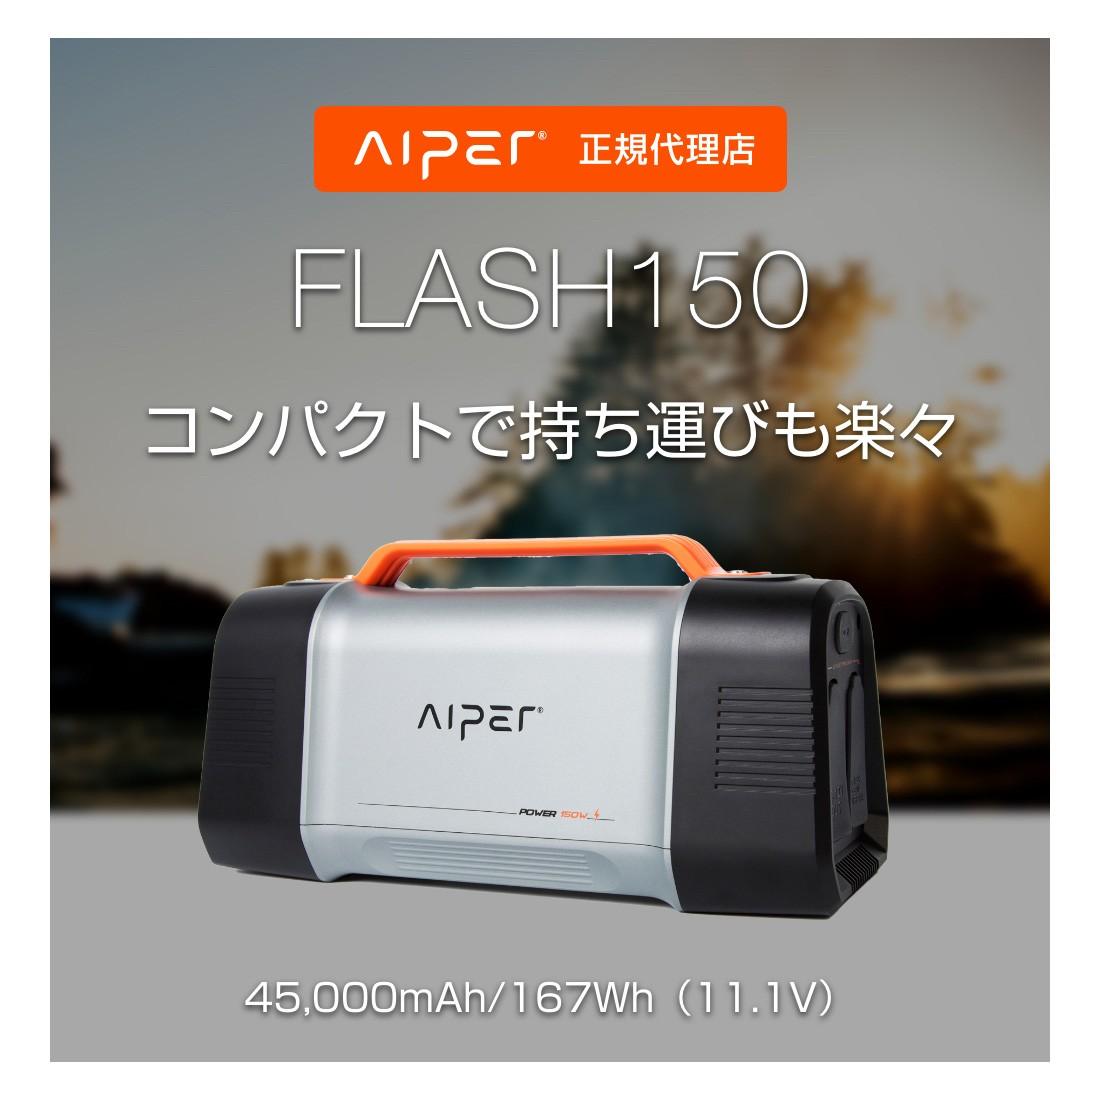 Aiper